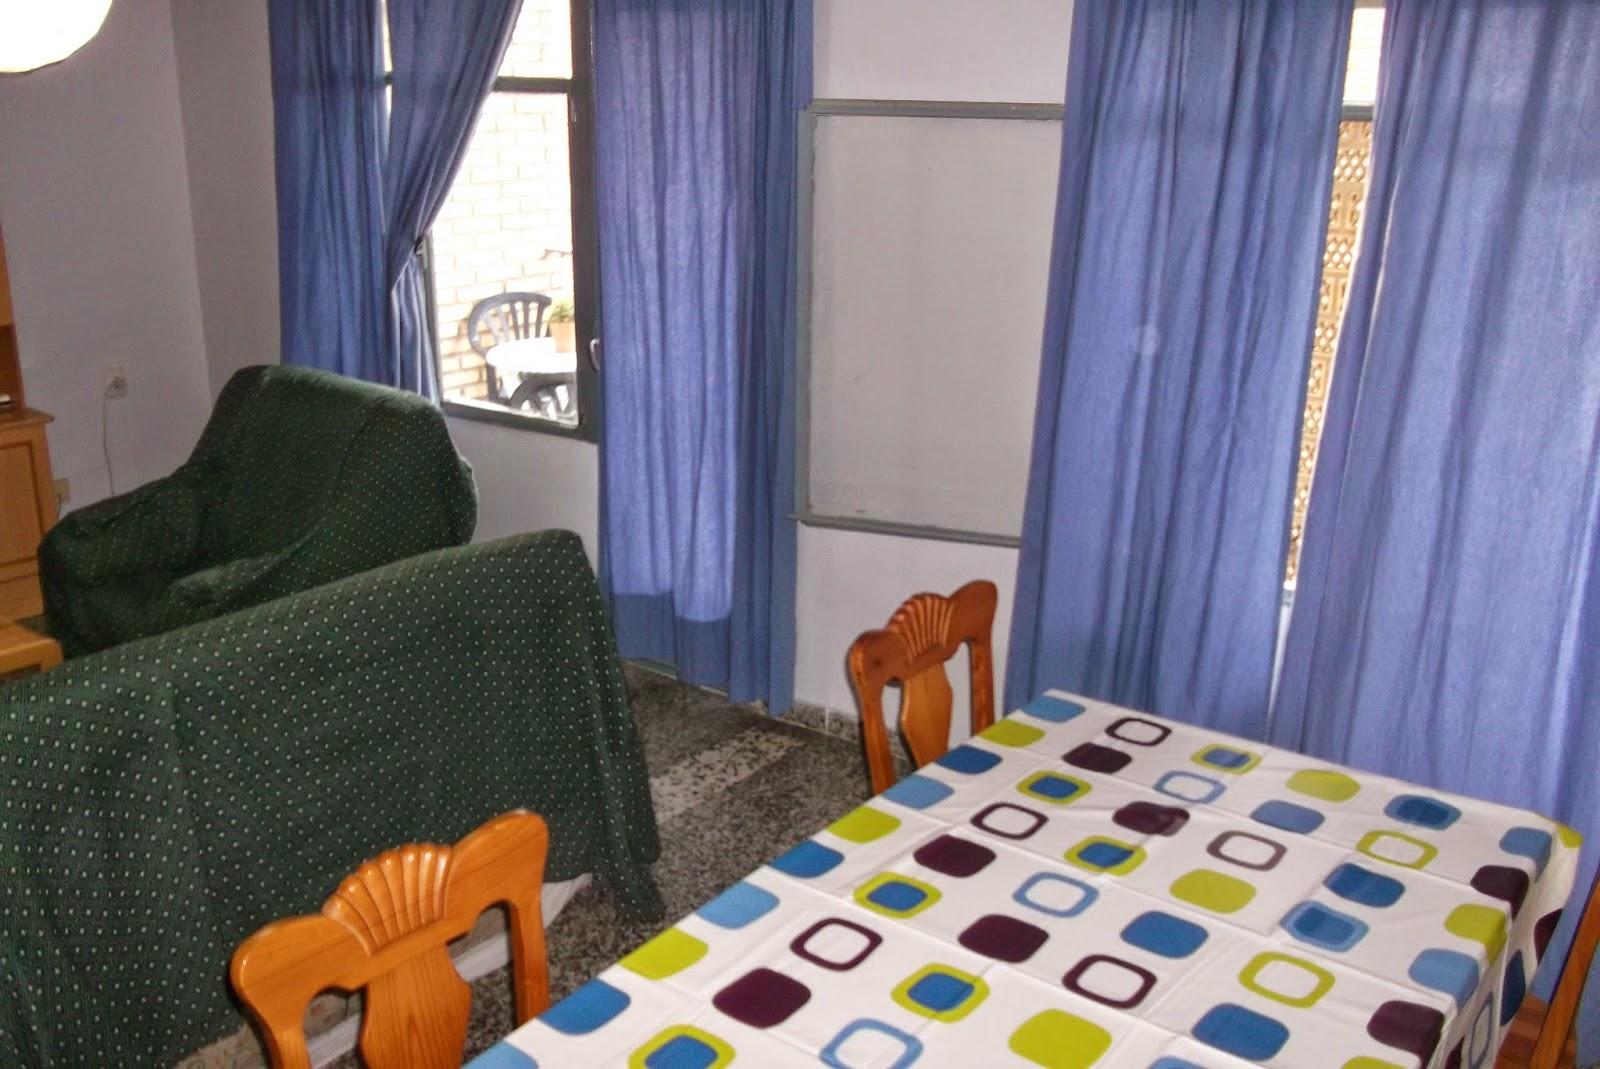 Alojamiento temporal en murcia piso compartido n 2 accommodation murcia alquiler habitaciones - Piso estudiantes murcia ...